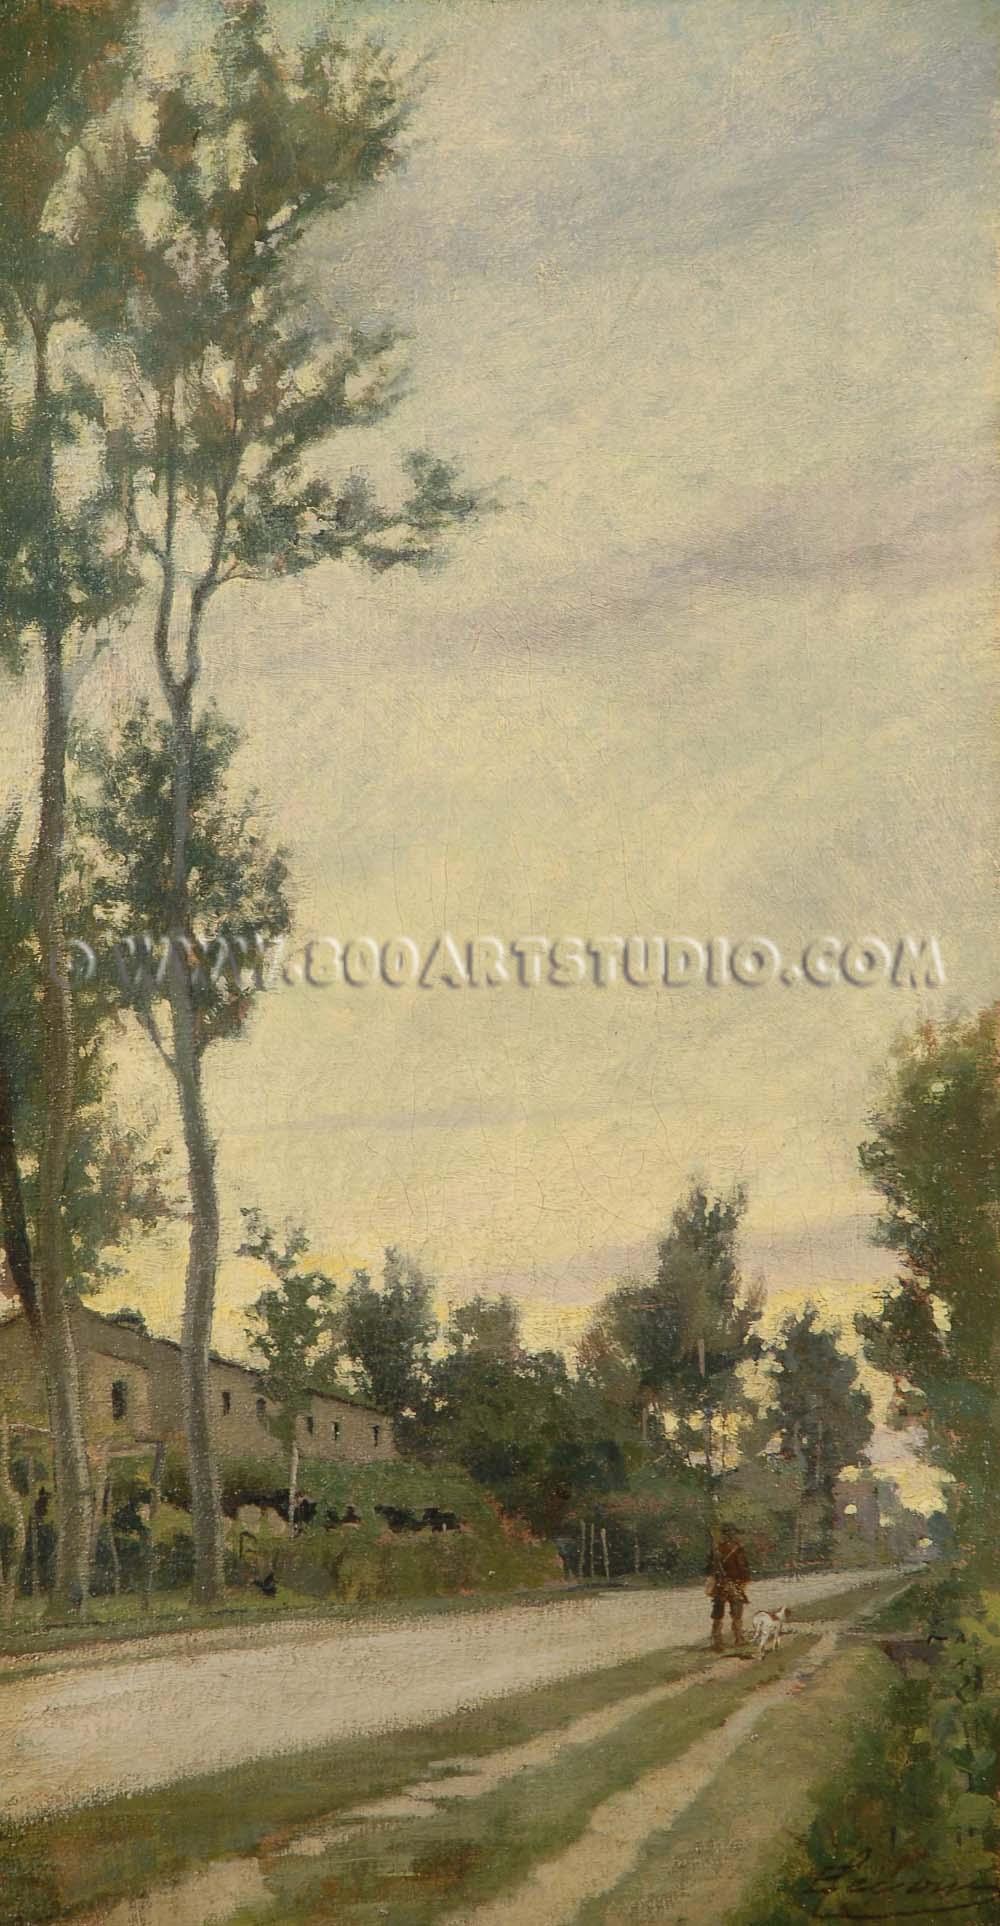 Eugenio Cecconi - Paesaggio con cacciatore